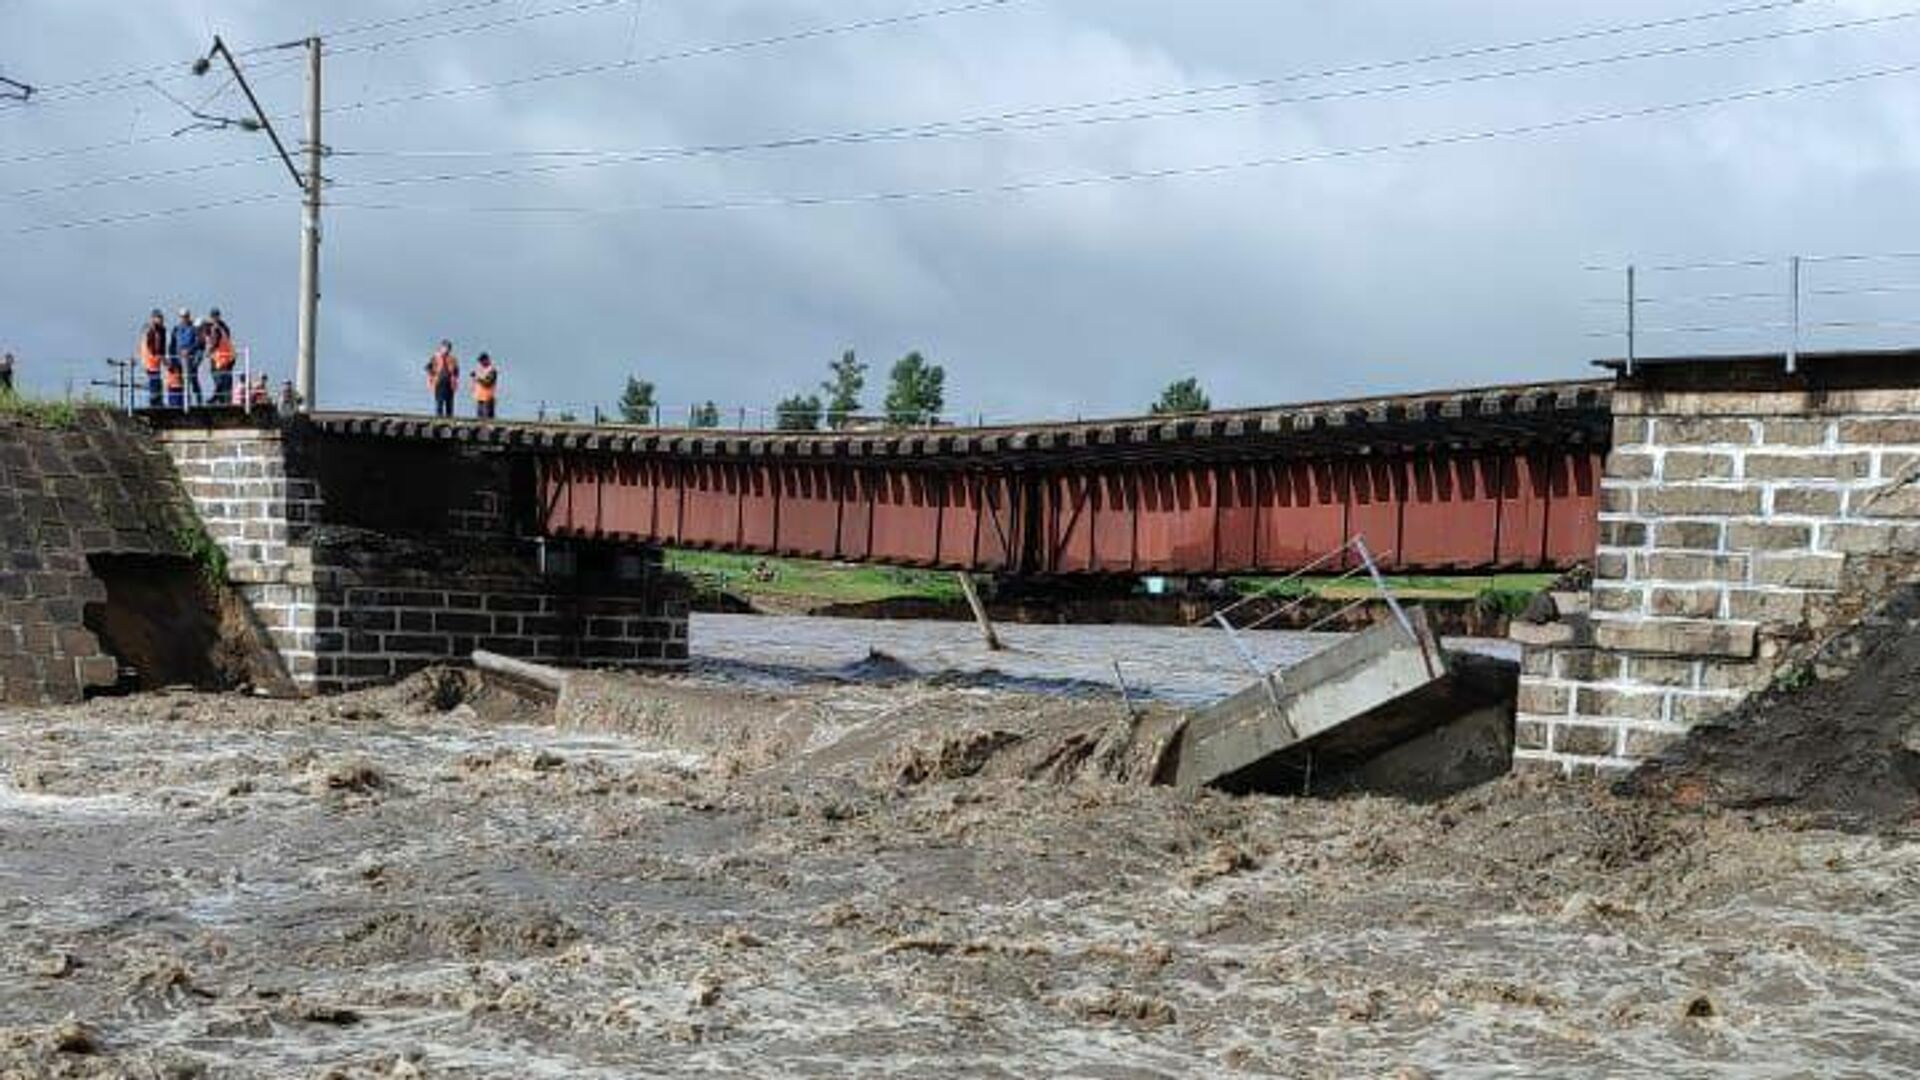 На месте обрушения железнодорожного моста в Забайкальском крае - РИА Новости, 1920, 23.07.2021